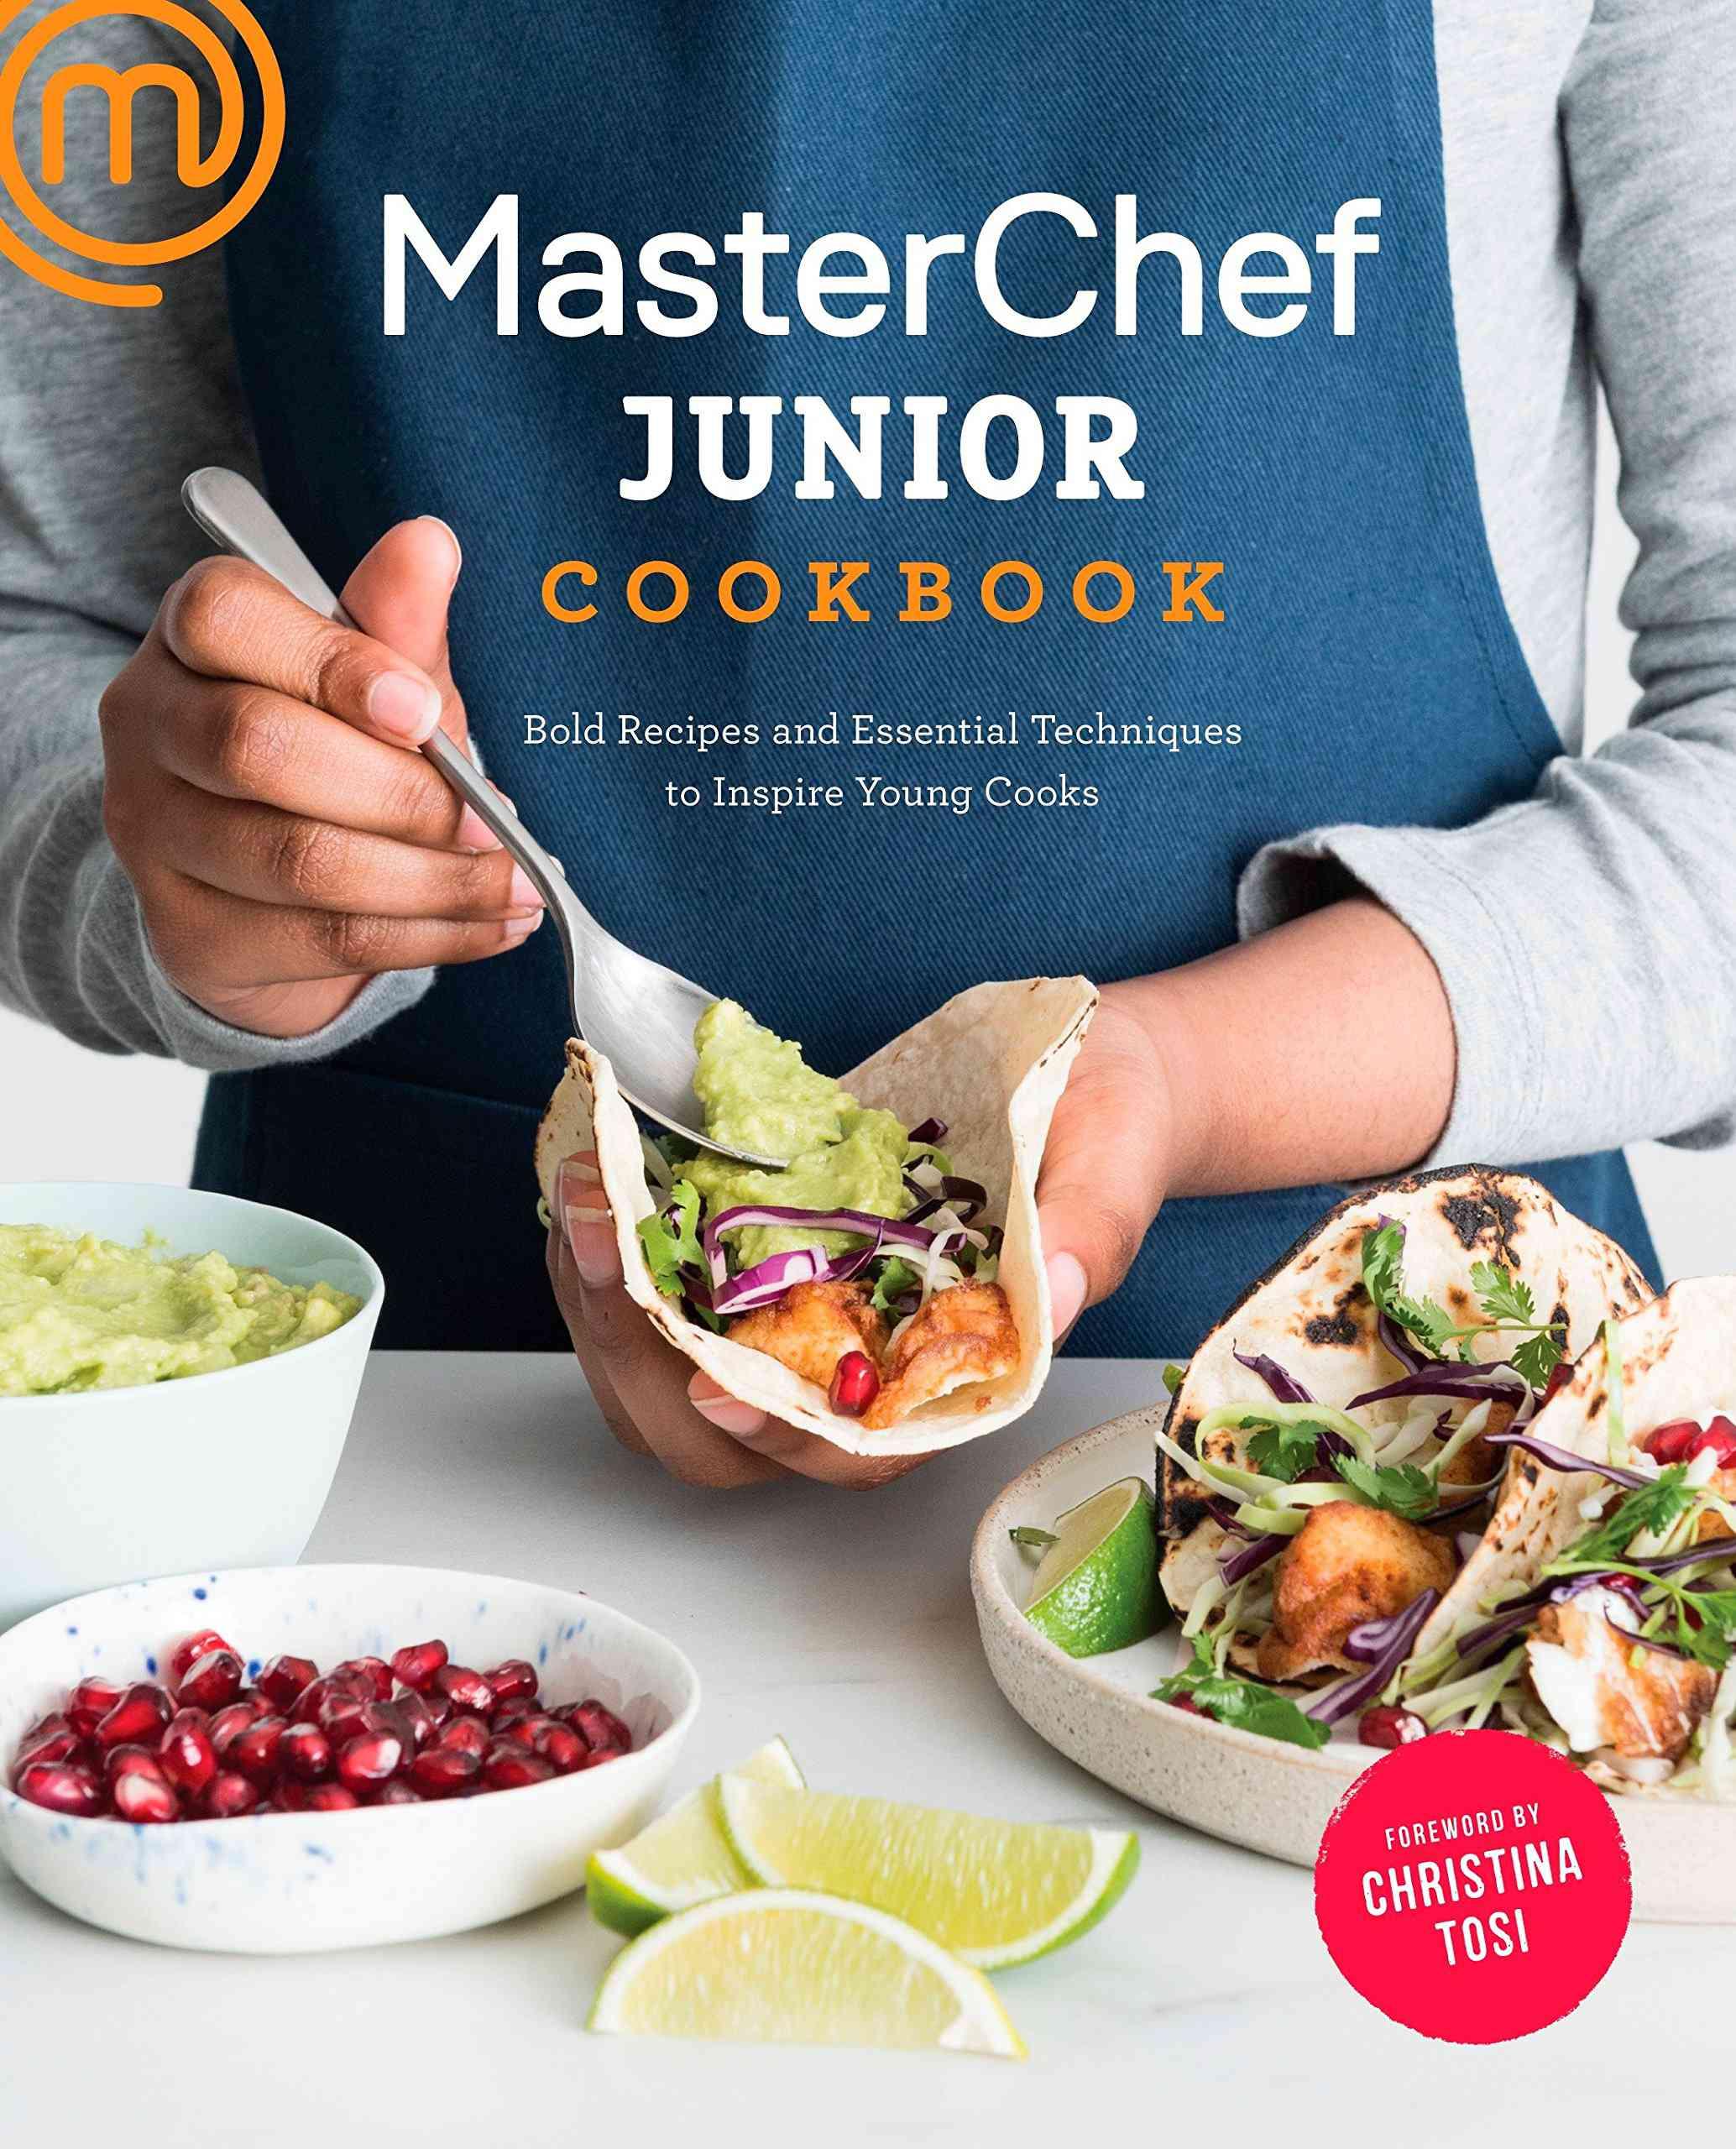 libro de cocina junior masterchef